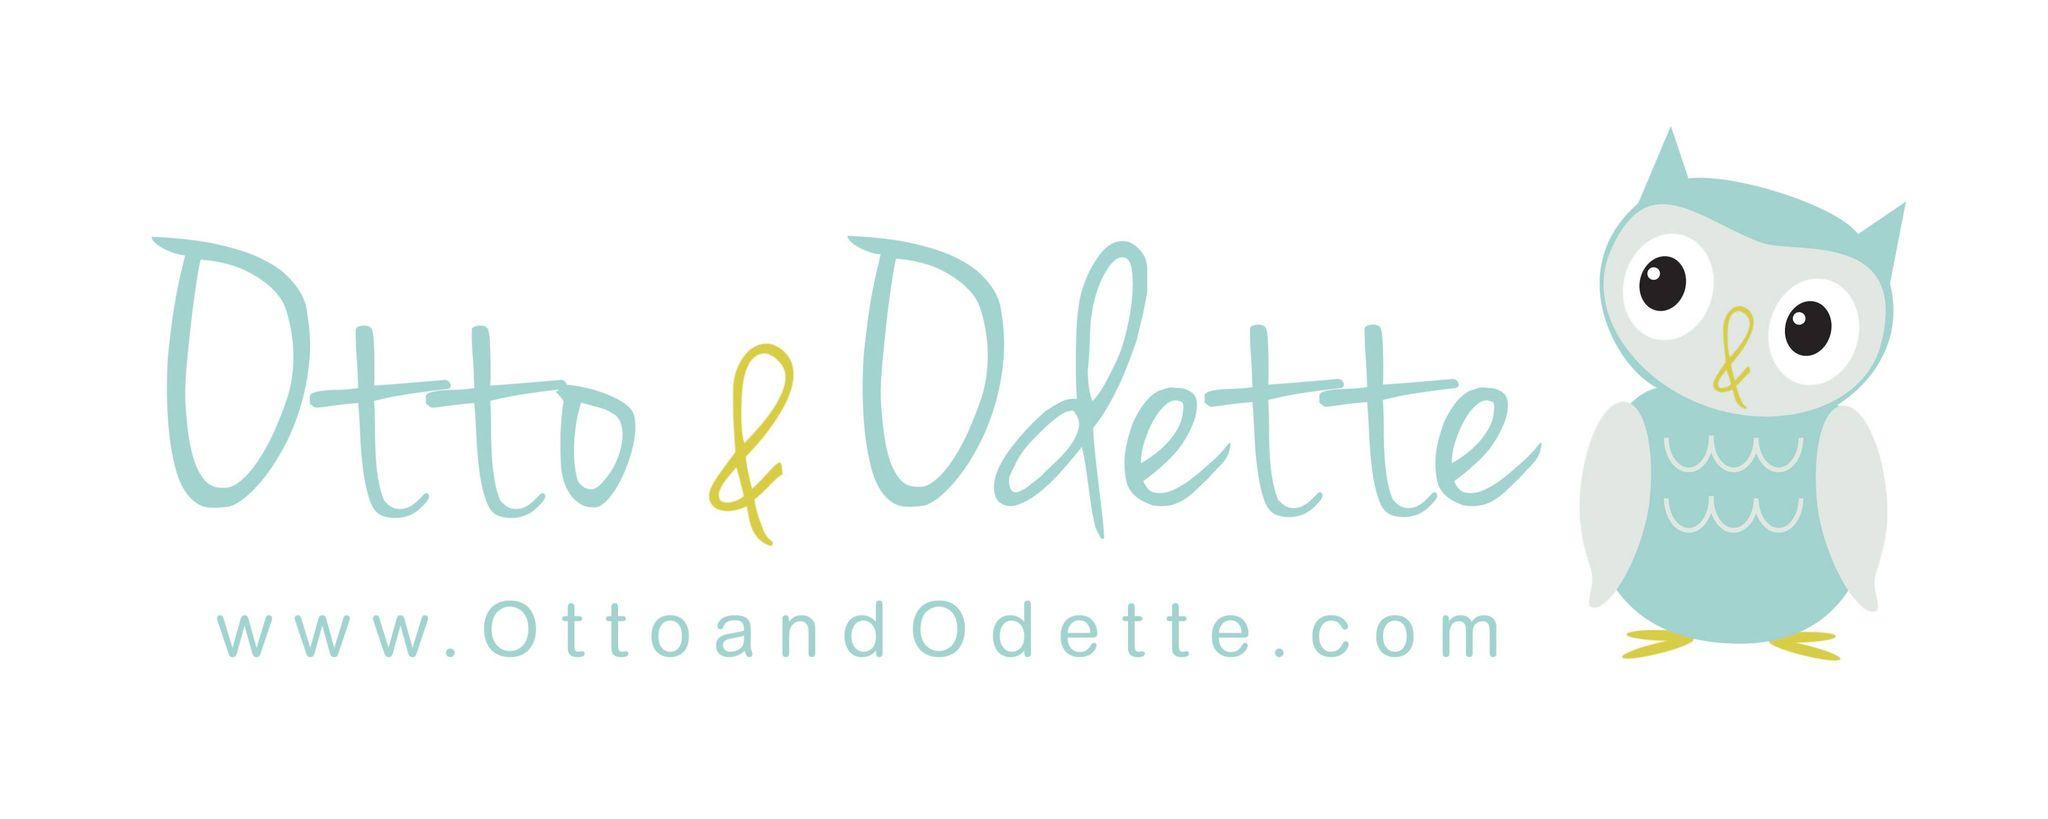 Otto & Odette